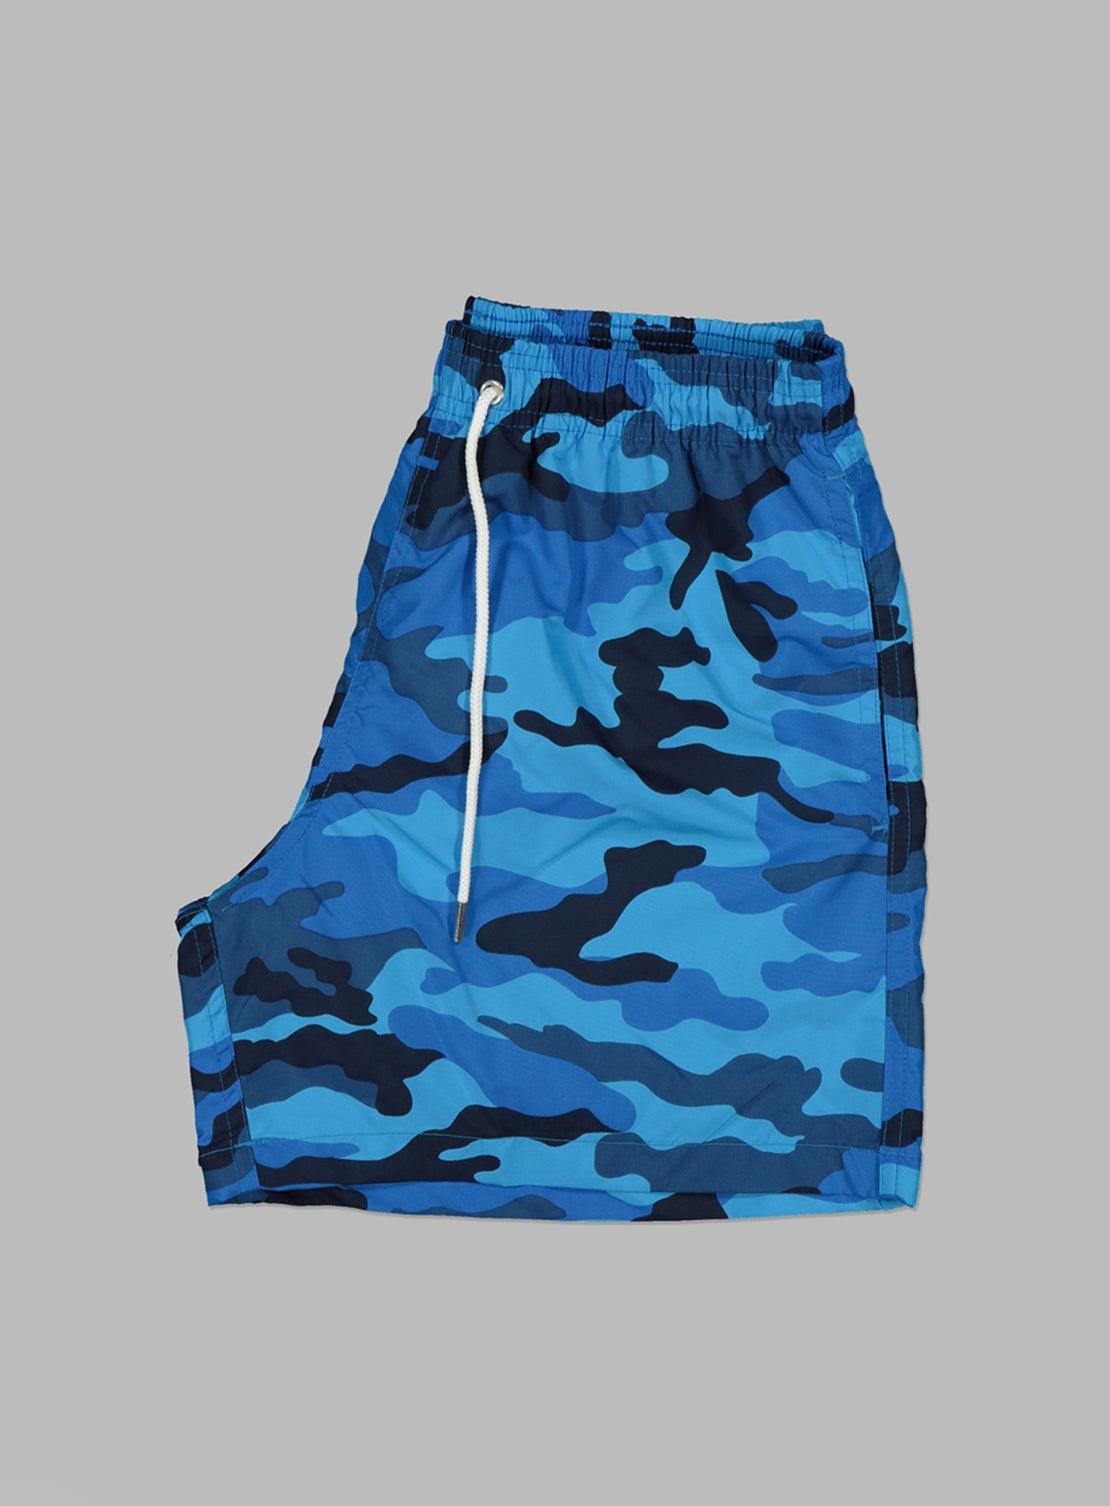 Blue Camo Swim Trunks